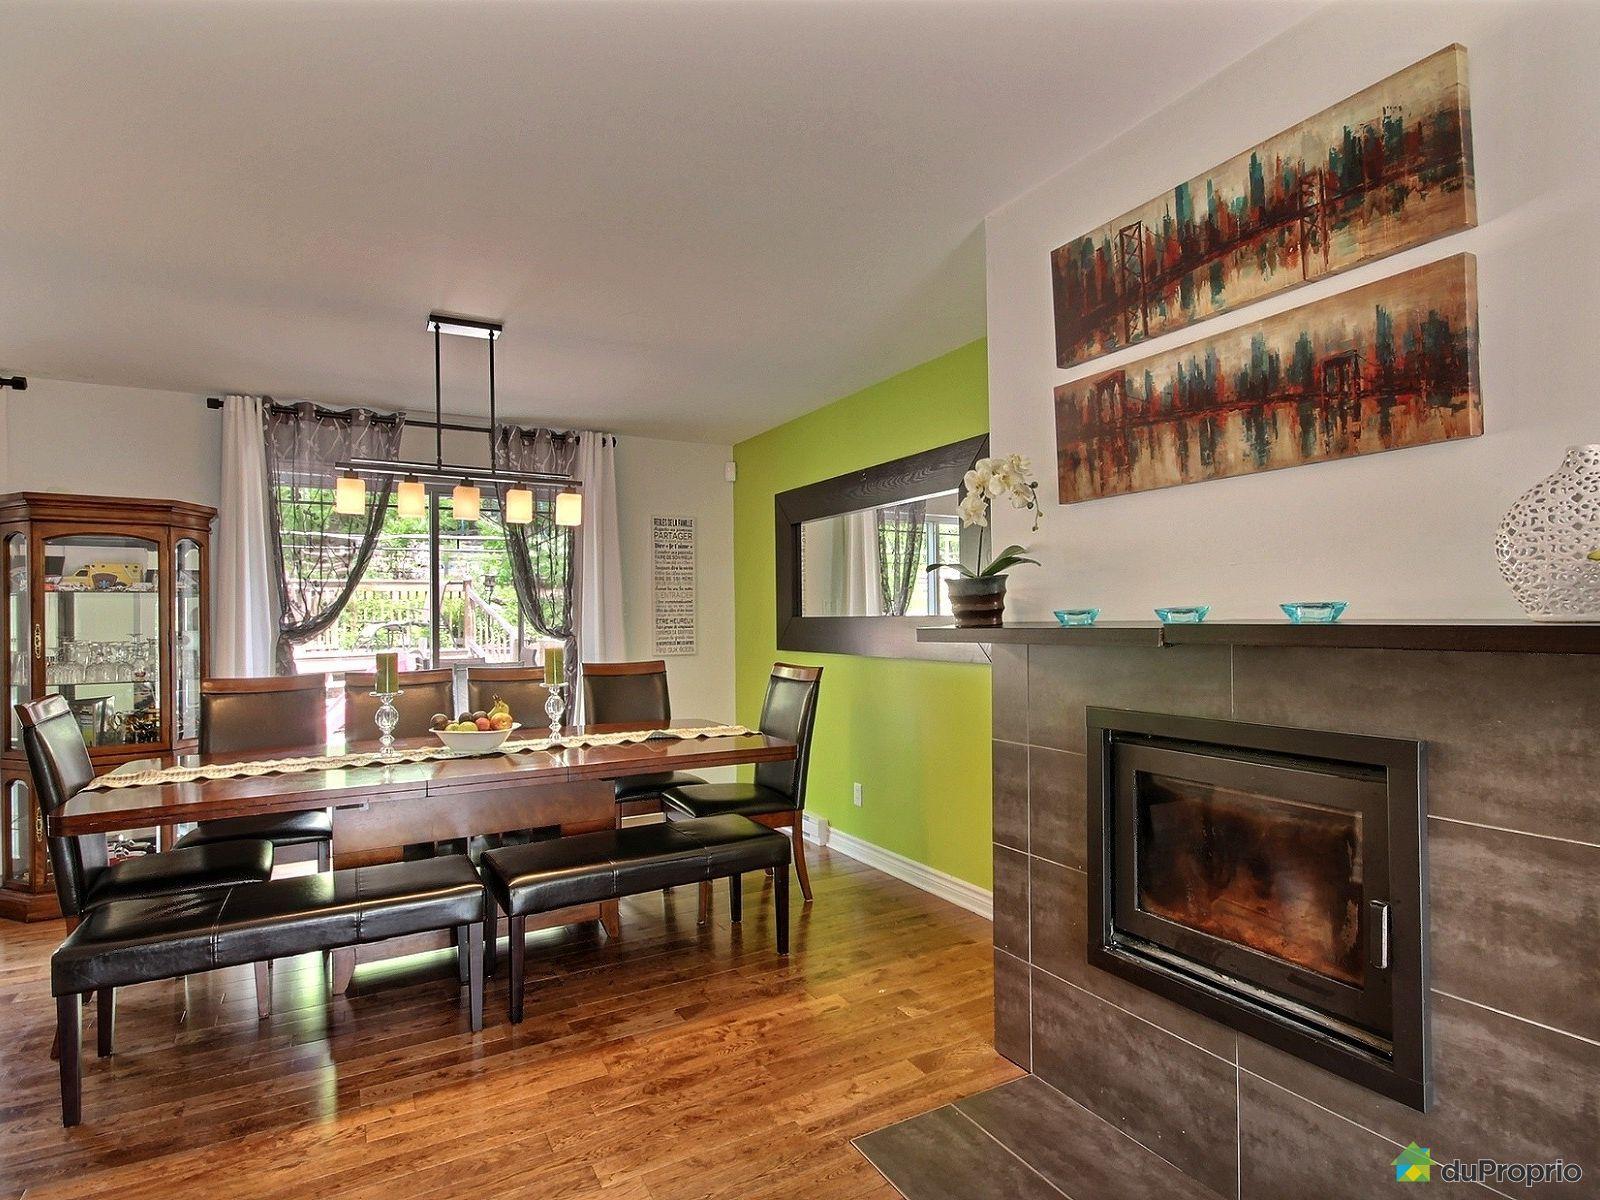 Maison vendre ste sophie 119a 119 rue de l 39 eau vive immobilier qu bec duproprio 613647 - Sophie maison a vendre ...